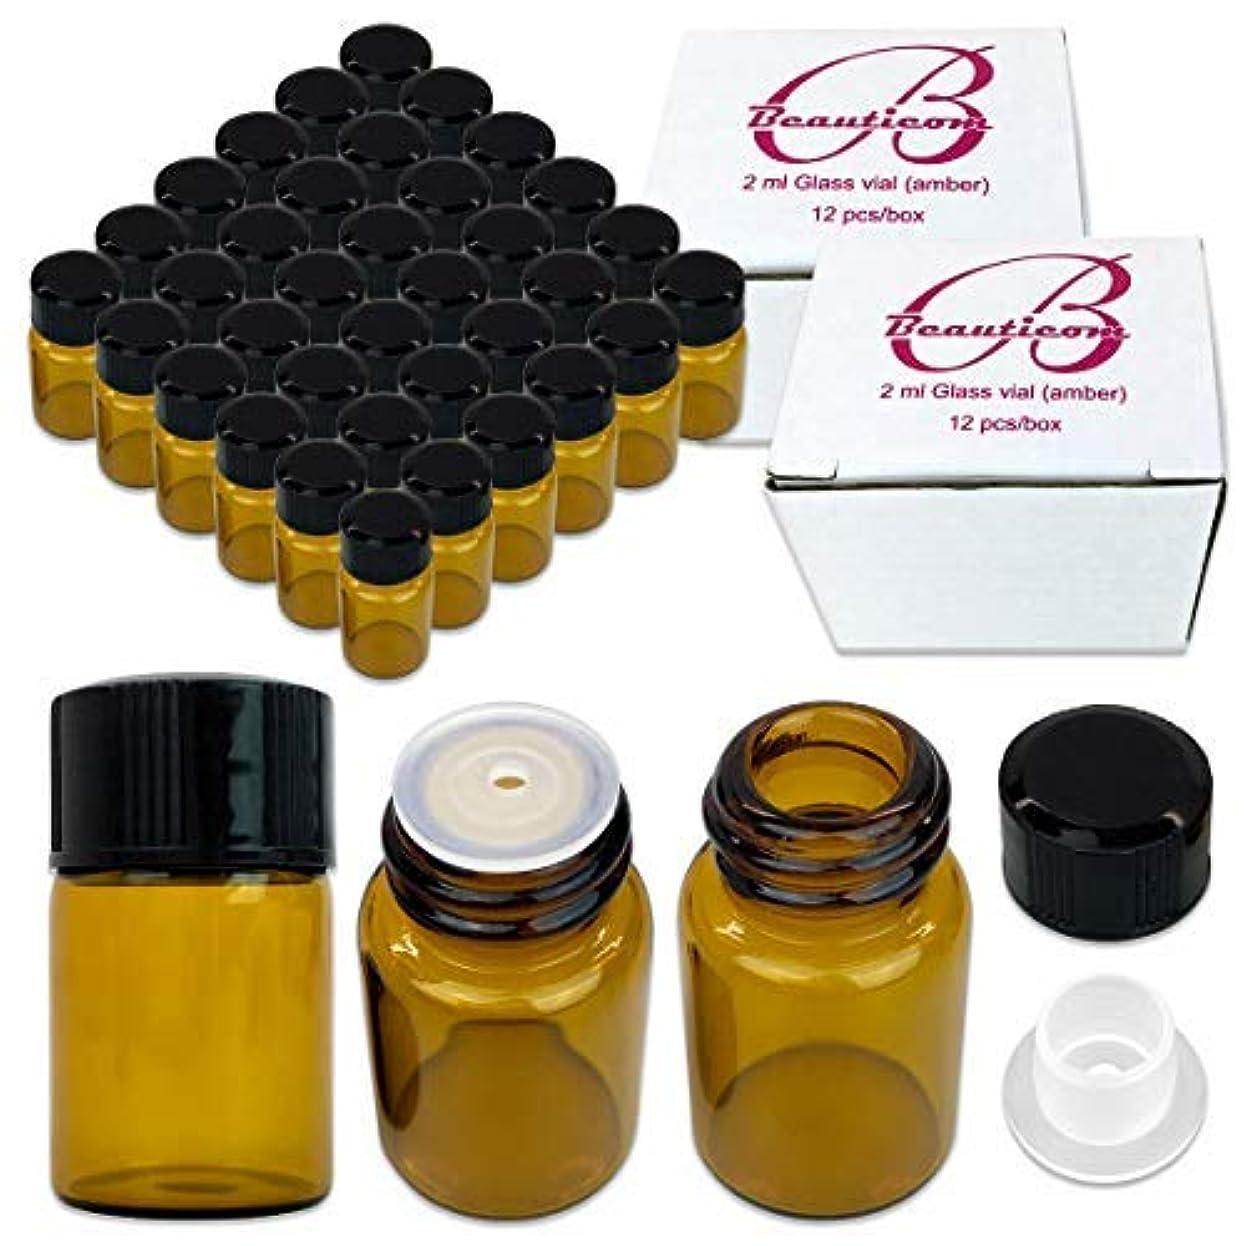 飾り羽虫ロバ72 Packs Beauticom 2ML Amber Glass Vial for Essential Oils, Aromatherapy, Fragrance, Serums, Spritzes, with Orifice...